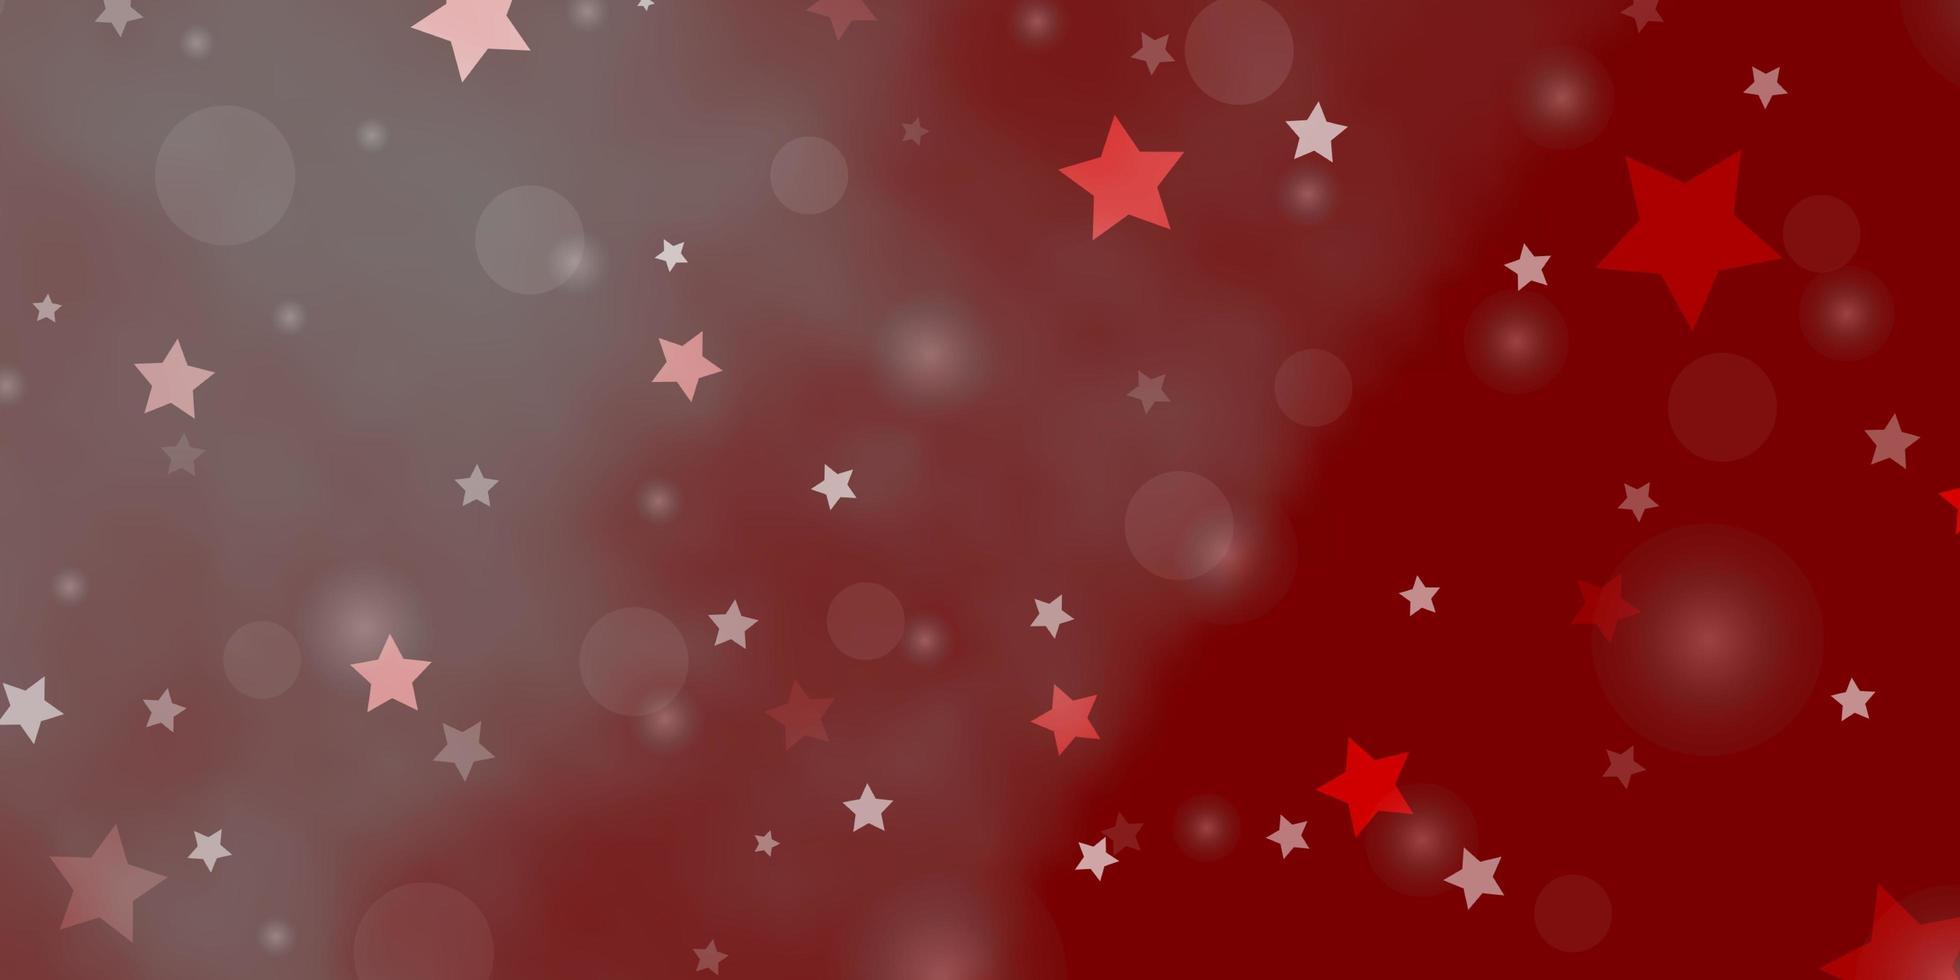 lichtrode vector achtergrond met cirkels, sterren.